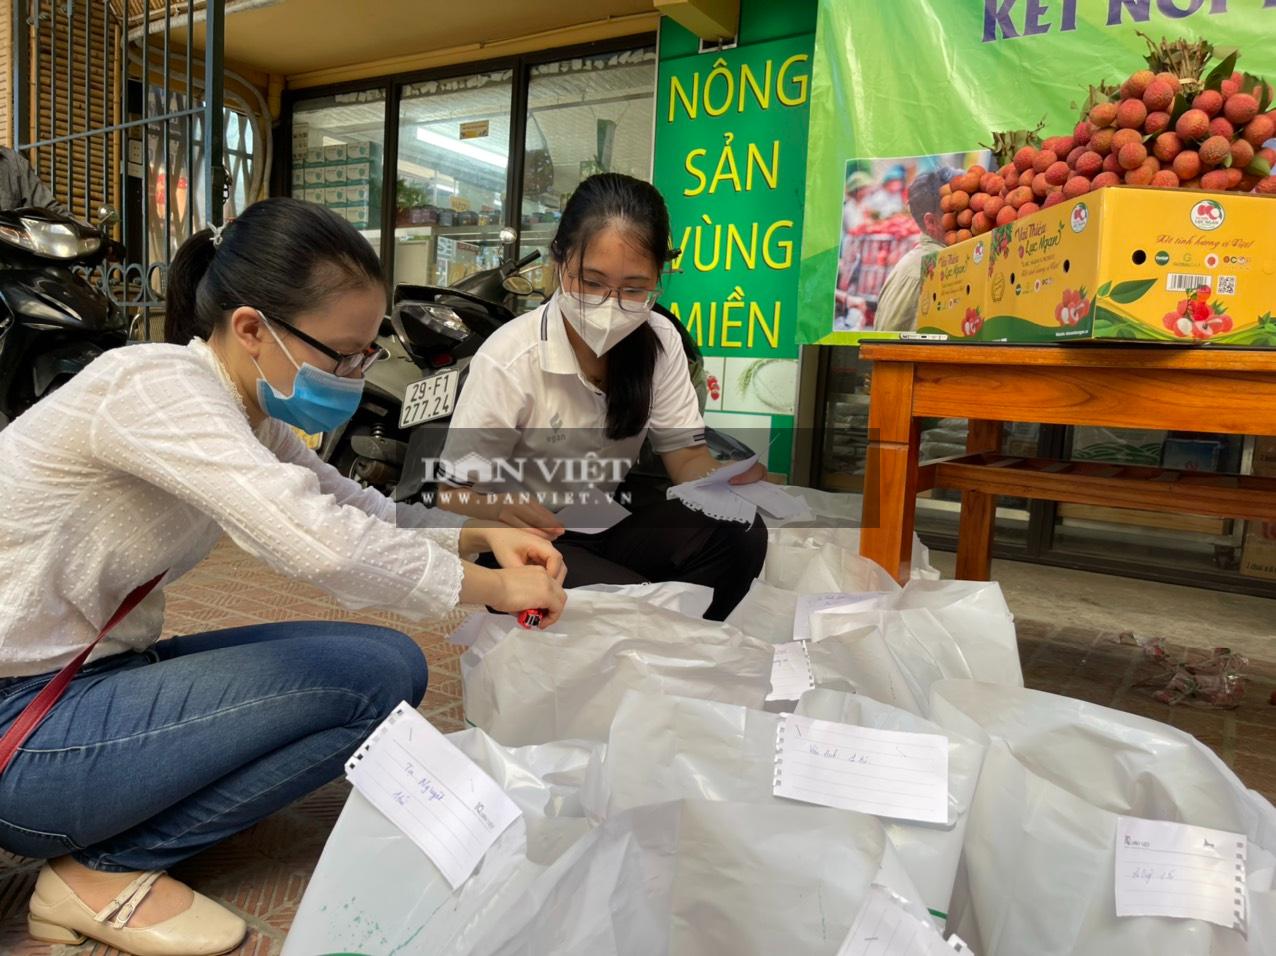 Vải thiều Lục Ngạn đã có mặt tại Trung tâm kết nối tiêu thụ nông sản Báo NTNN/ Điện tử Dân Việt - Ảnh 10.